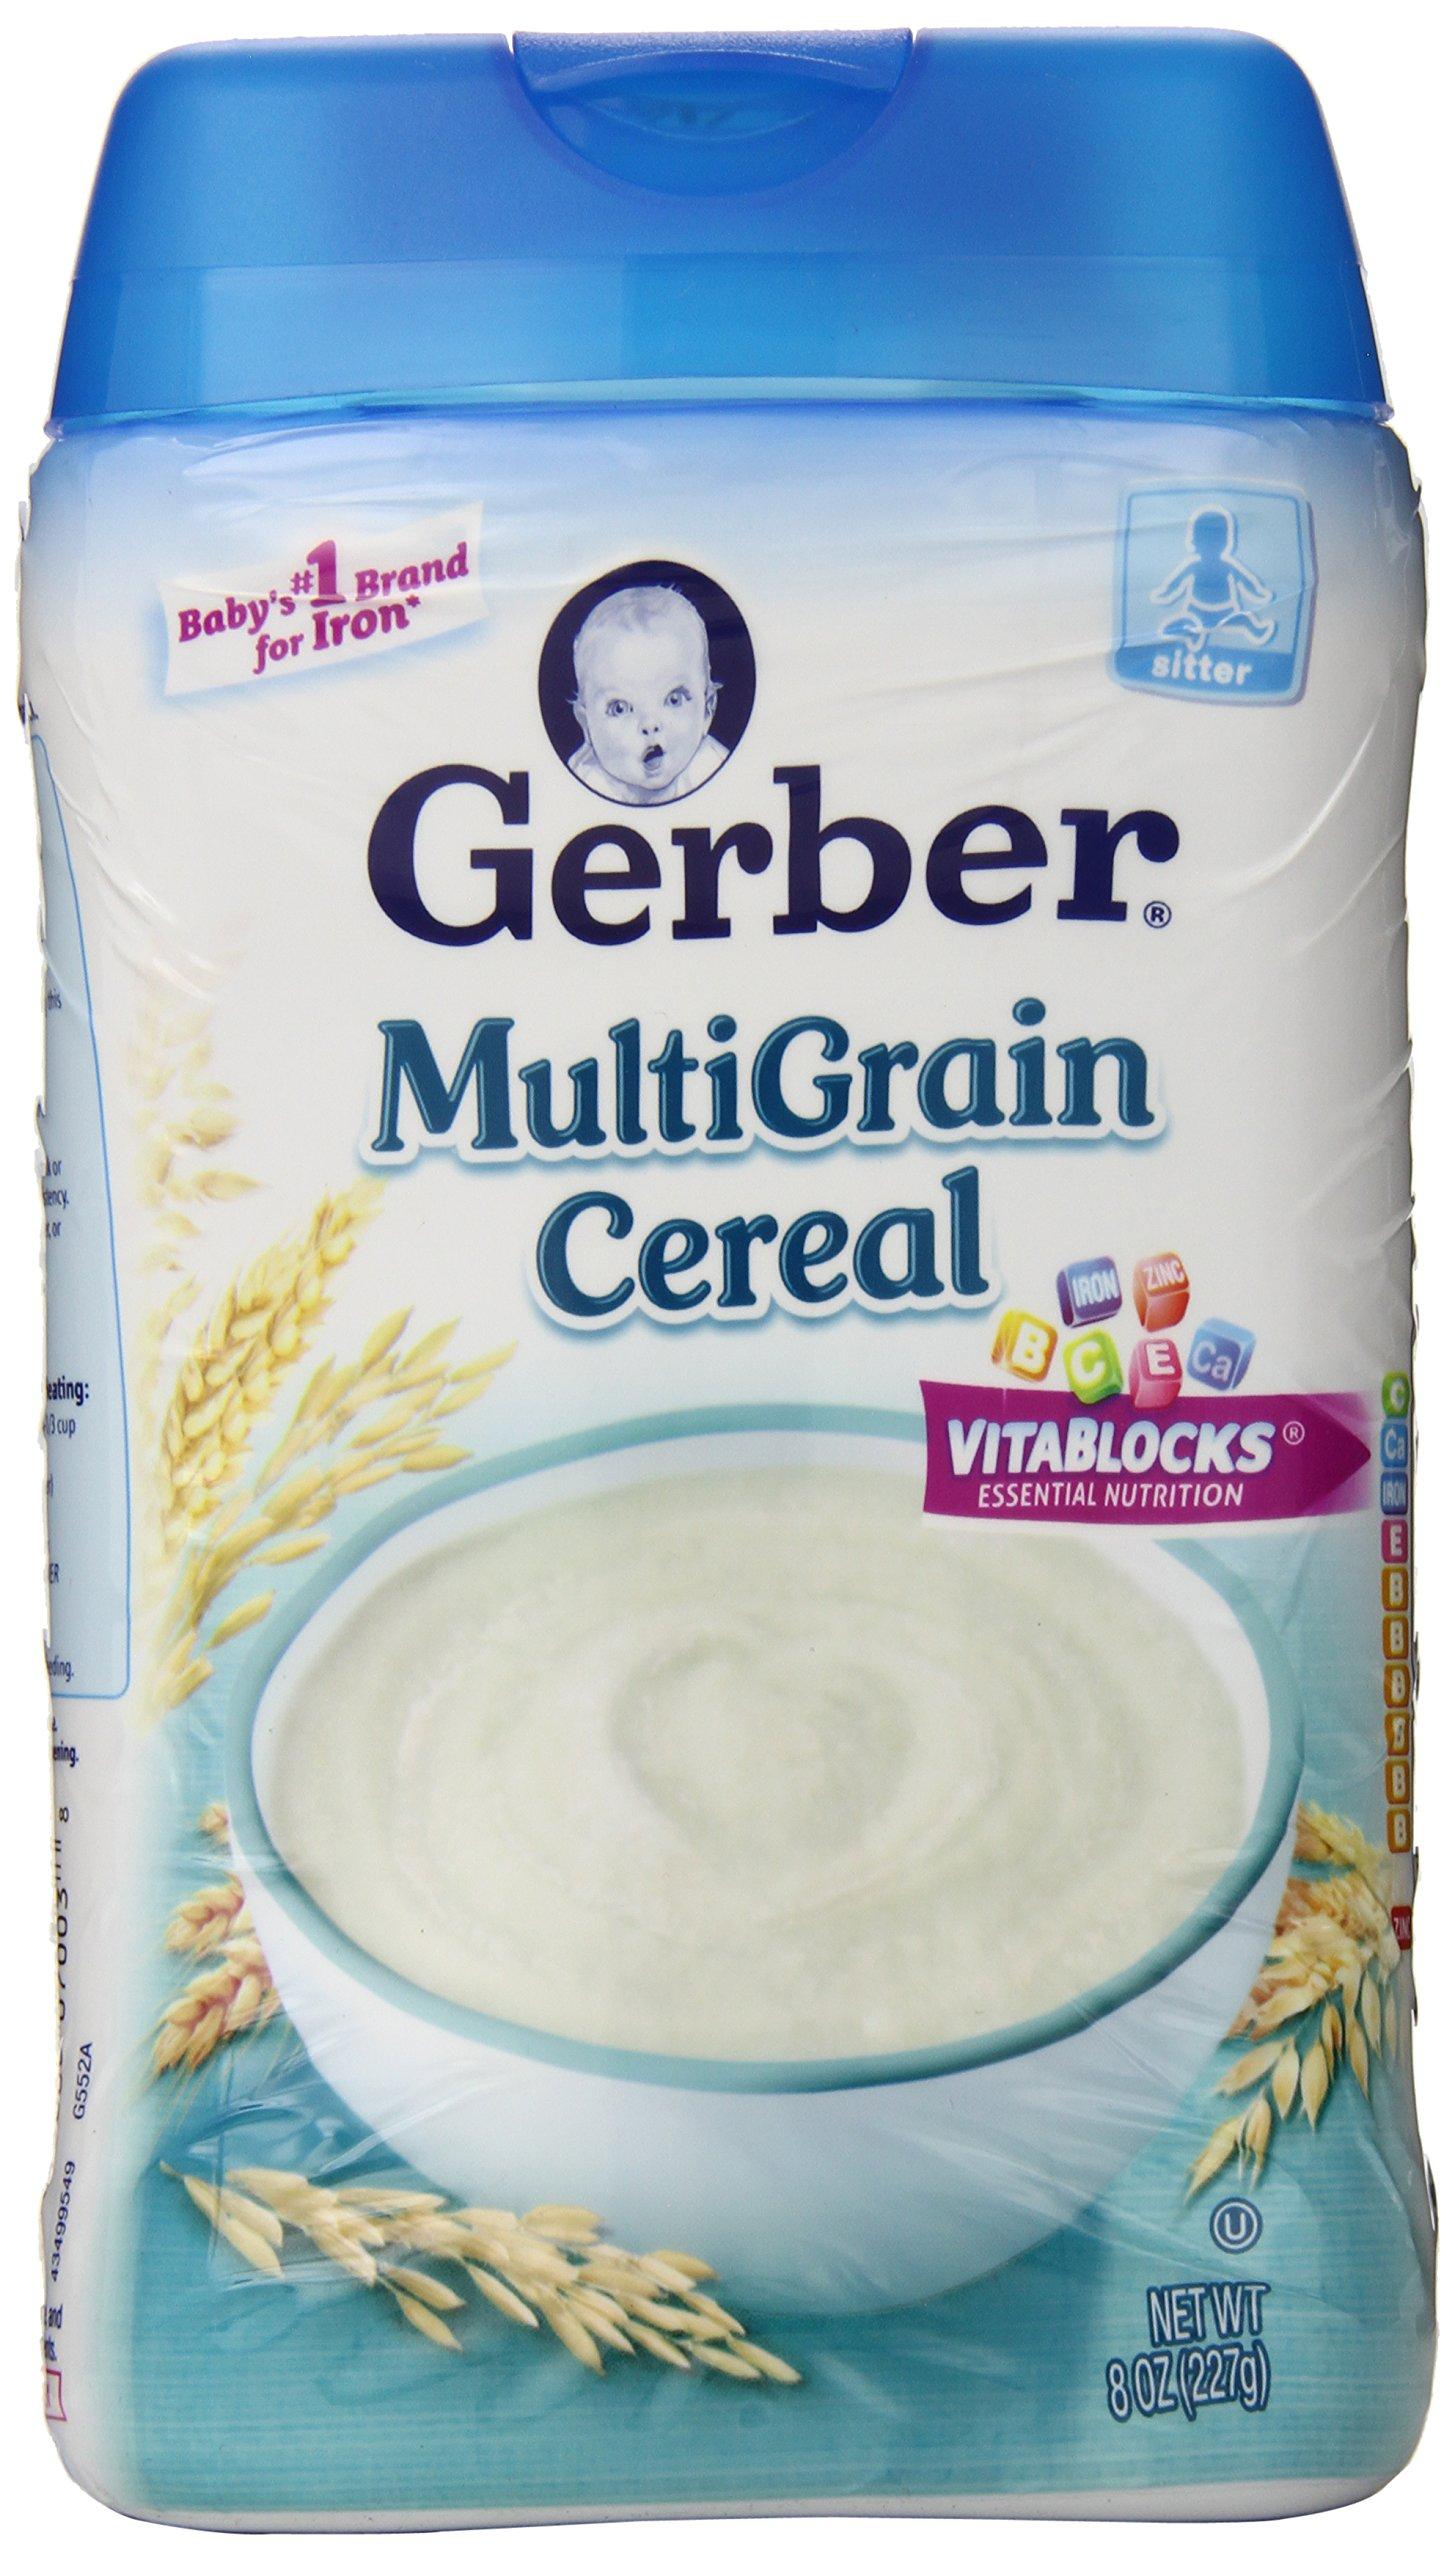 Gerber 1st Foods Baby Cereal - Multigrain - 8 oz